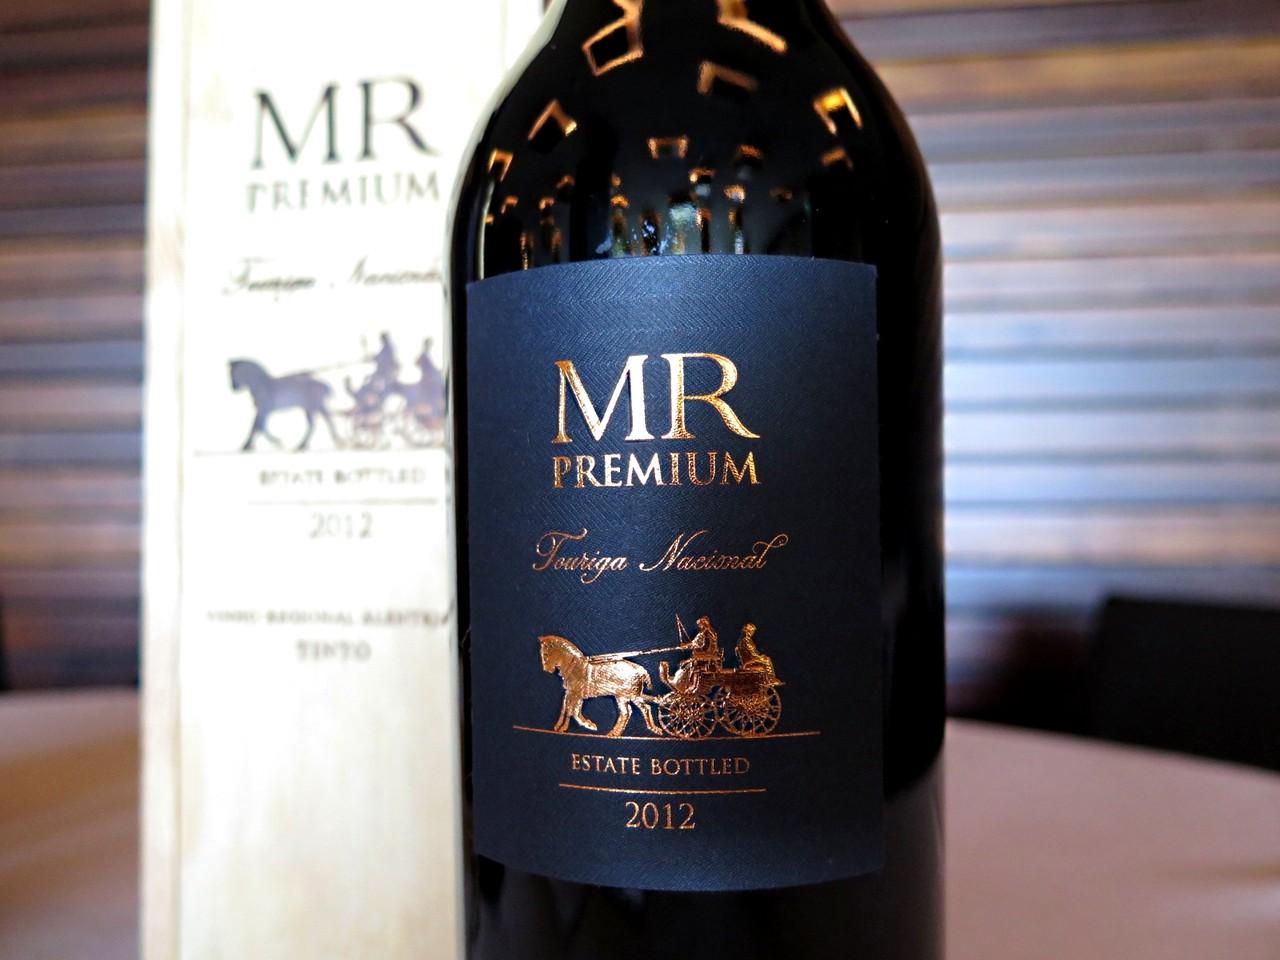 MR Premium Touriga Nacional Tinto 2012